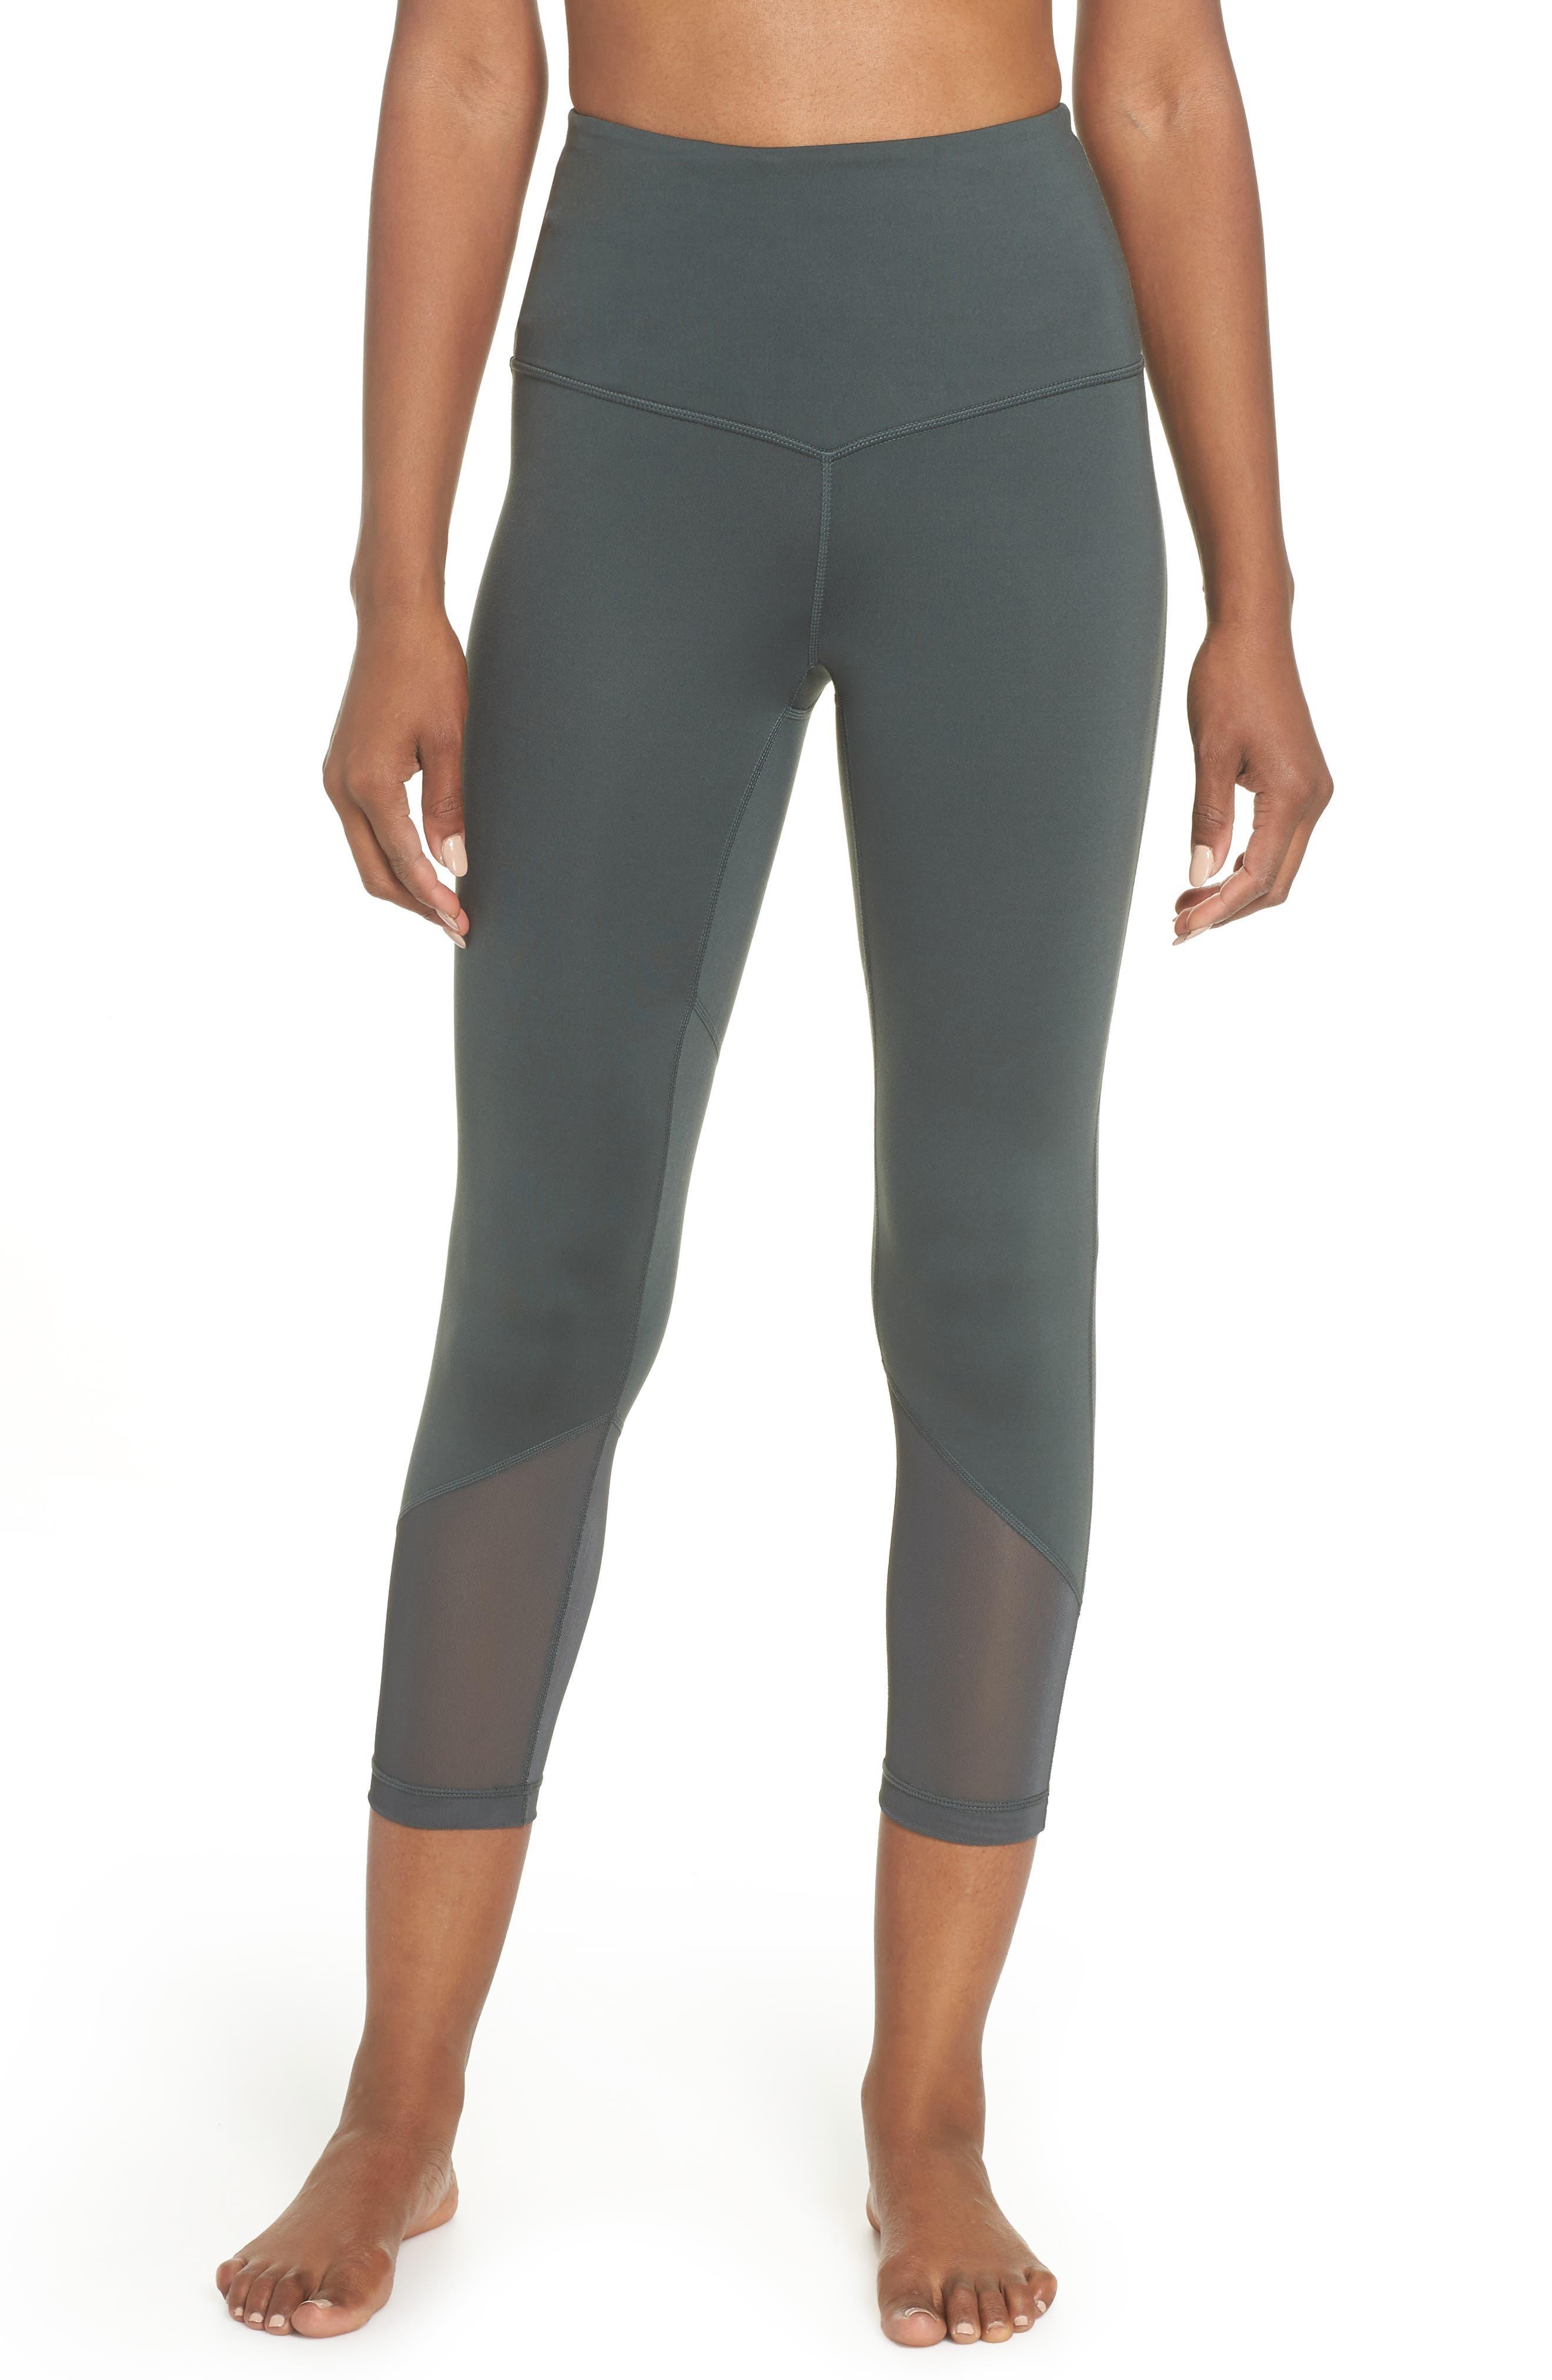 Gemini Cool Recycled Crop Leggings,                         Main,                         color, GREY URBAN